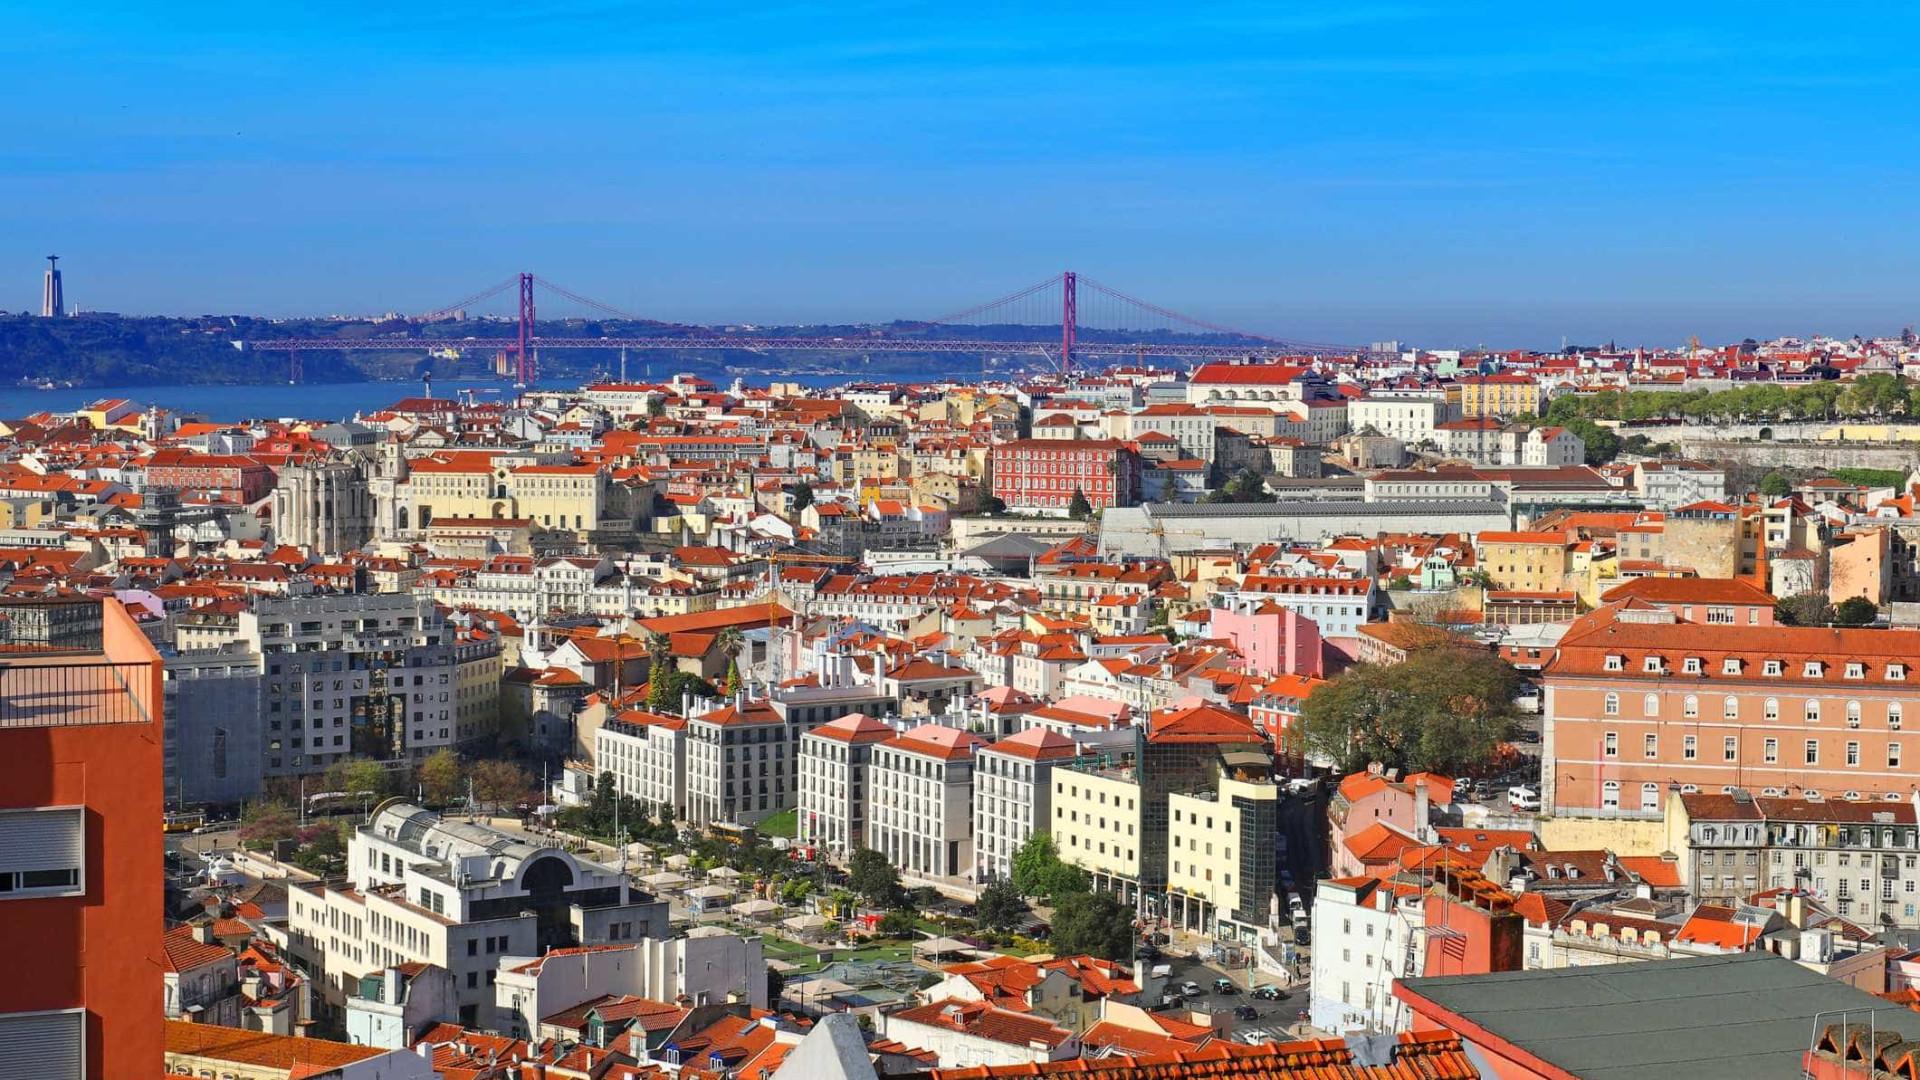 Turismo deve fechar 2018 com novo recorde nas receitas de 17 mil milhões